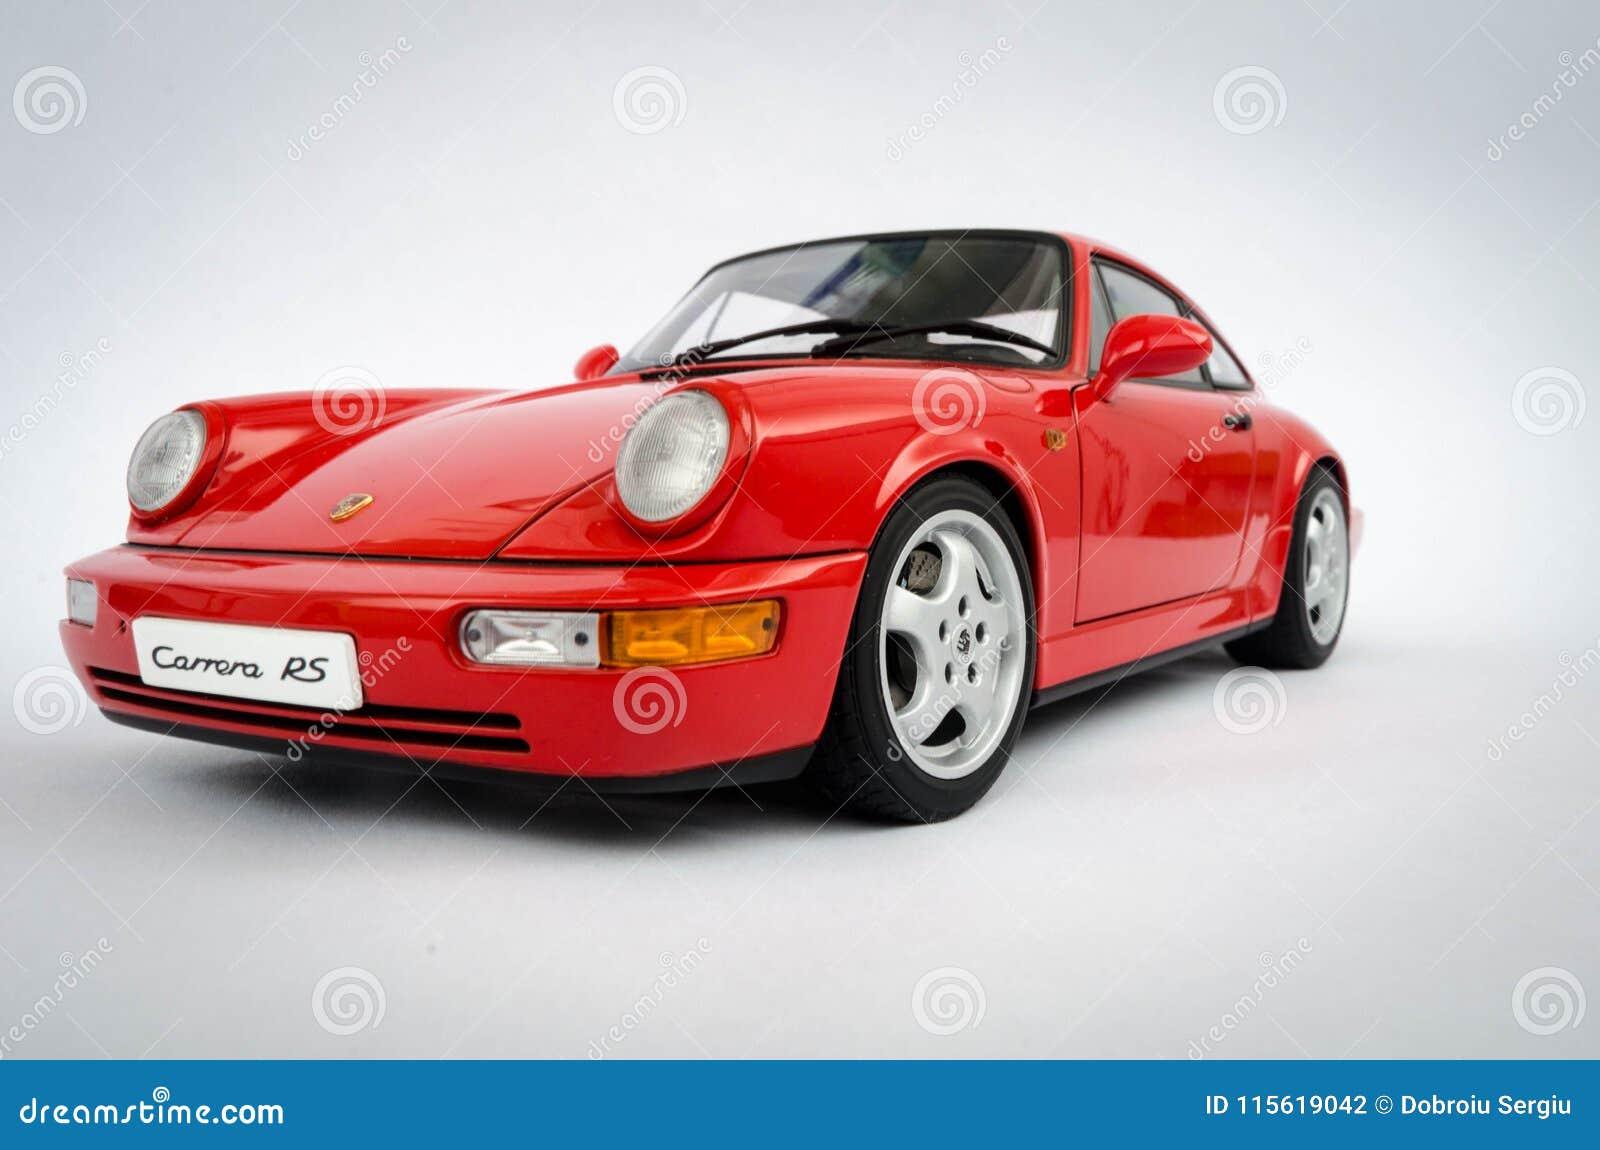 Porsche 911 Carrera RS 1:18AutoArt modell